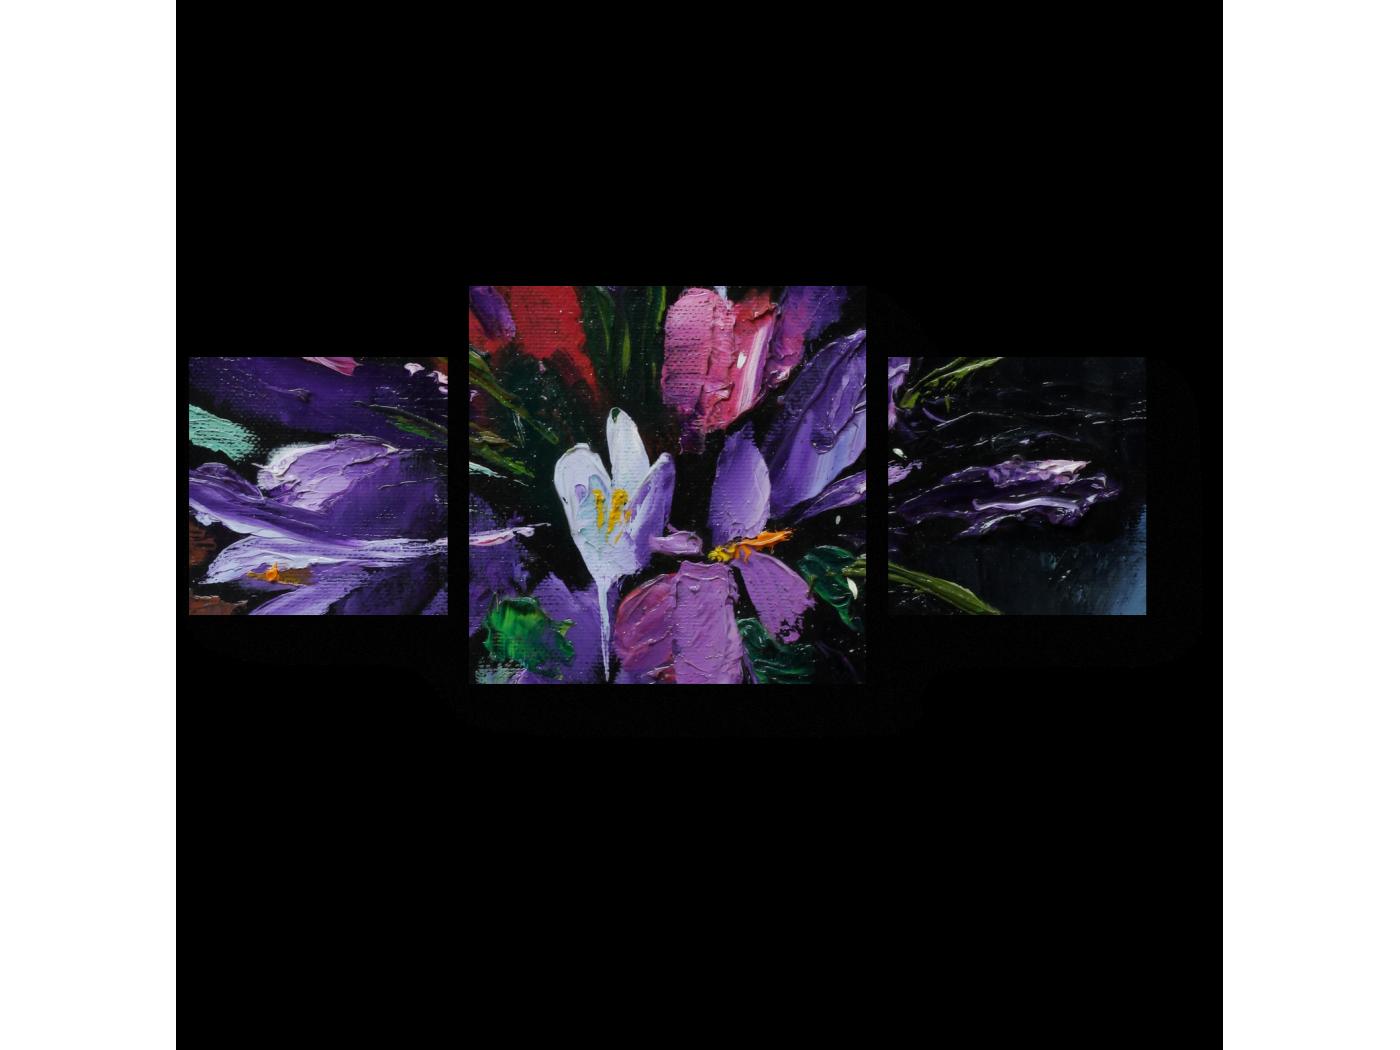 Модульная картина Прекрасный букет подснежников, масло (70x30) фото